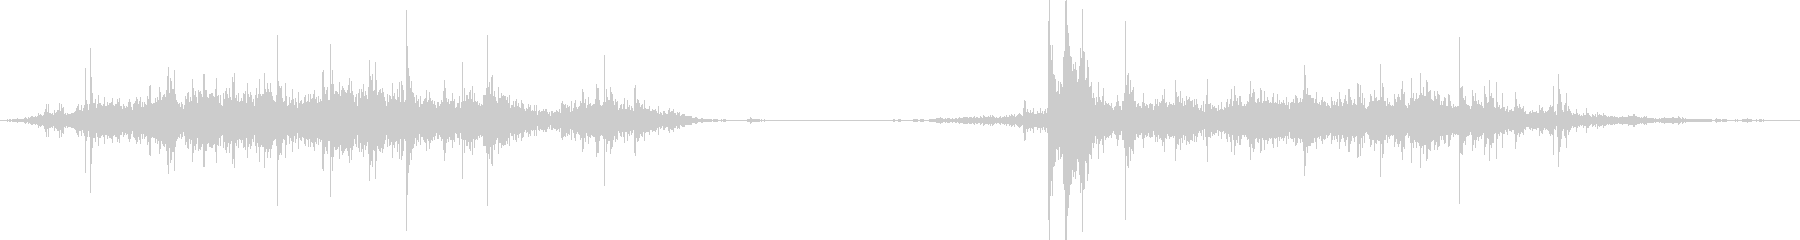 メタル、ムーブメント;の未再生の波形